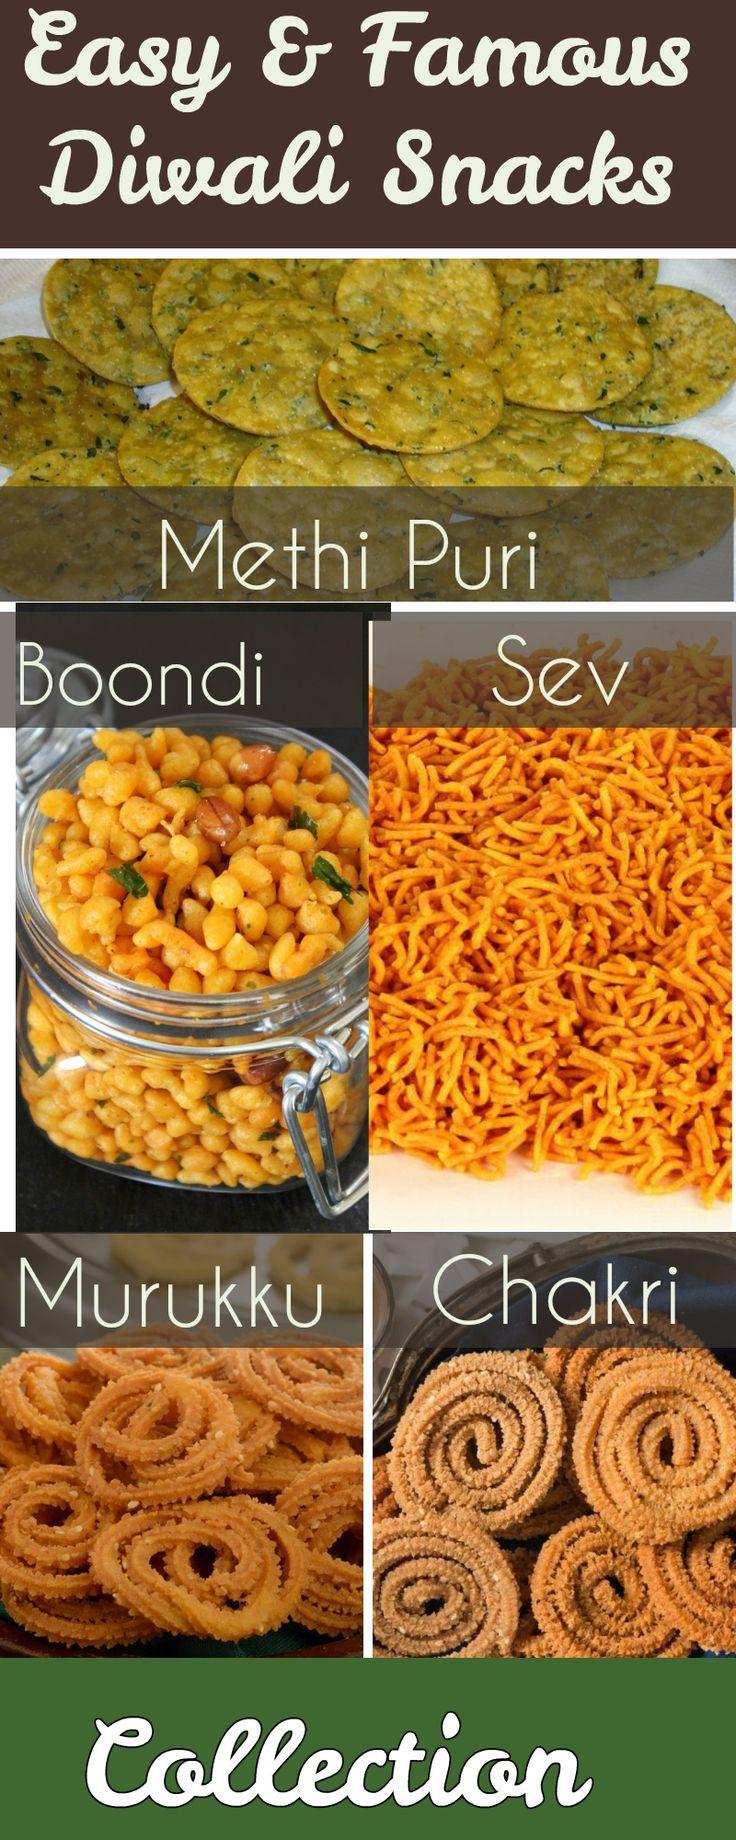 ✿𝗗𝗶𝘄𝗮𝗹𝗶 𝗦𝗻𝗮𝗰𝗸𝘀 𝗥𝗲𝗰𝗶𝗽𝗲✿  #diwalicelebration #snacks #diwalisnacks